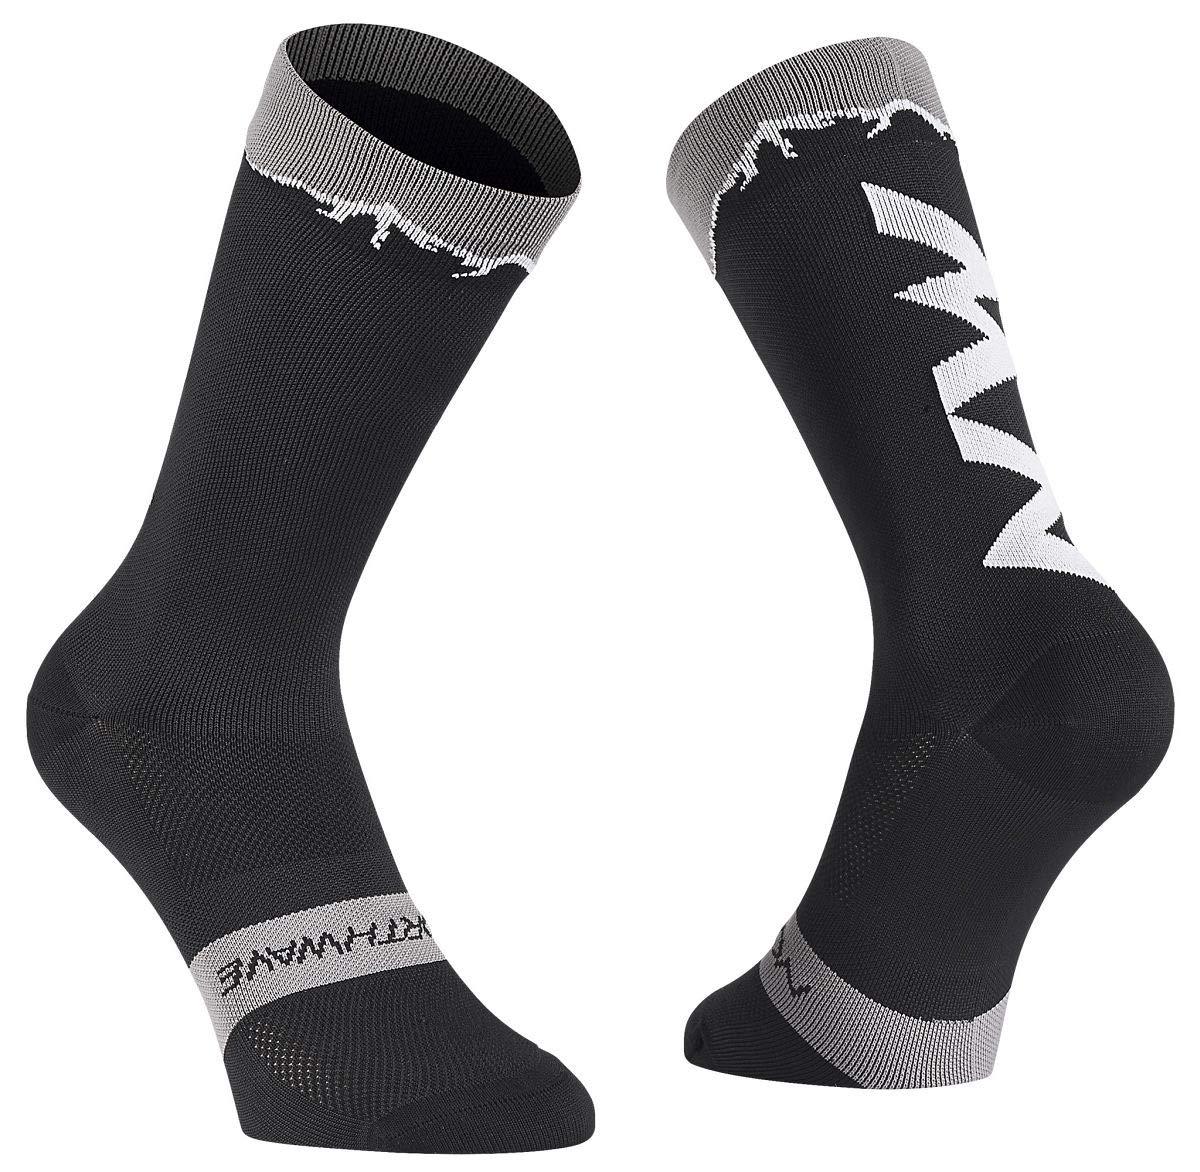 Northwave Clan Fahrrad Socken schwarz//grau 2019